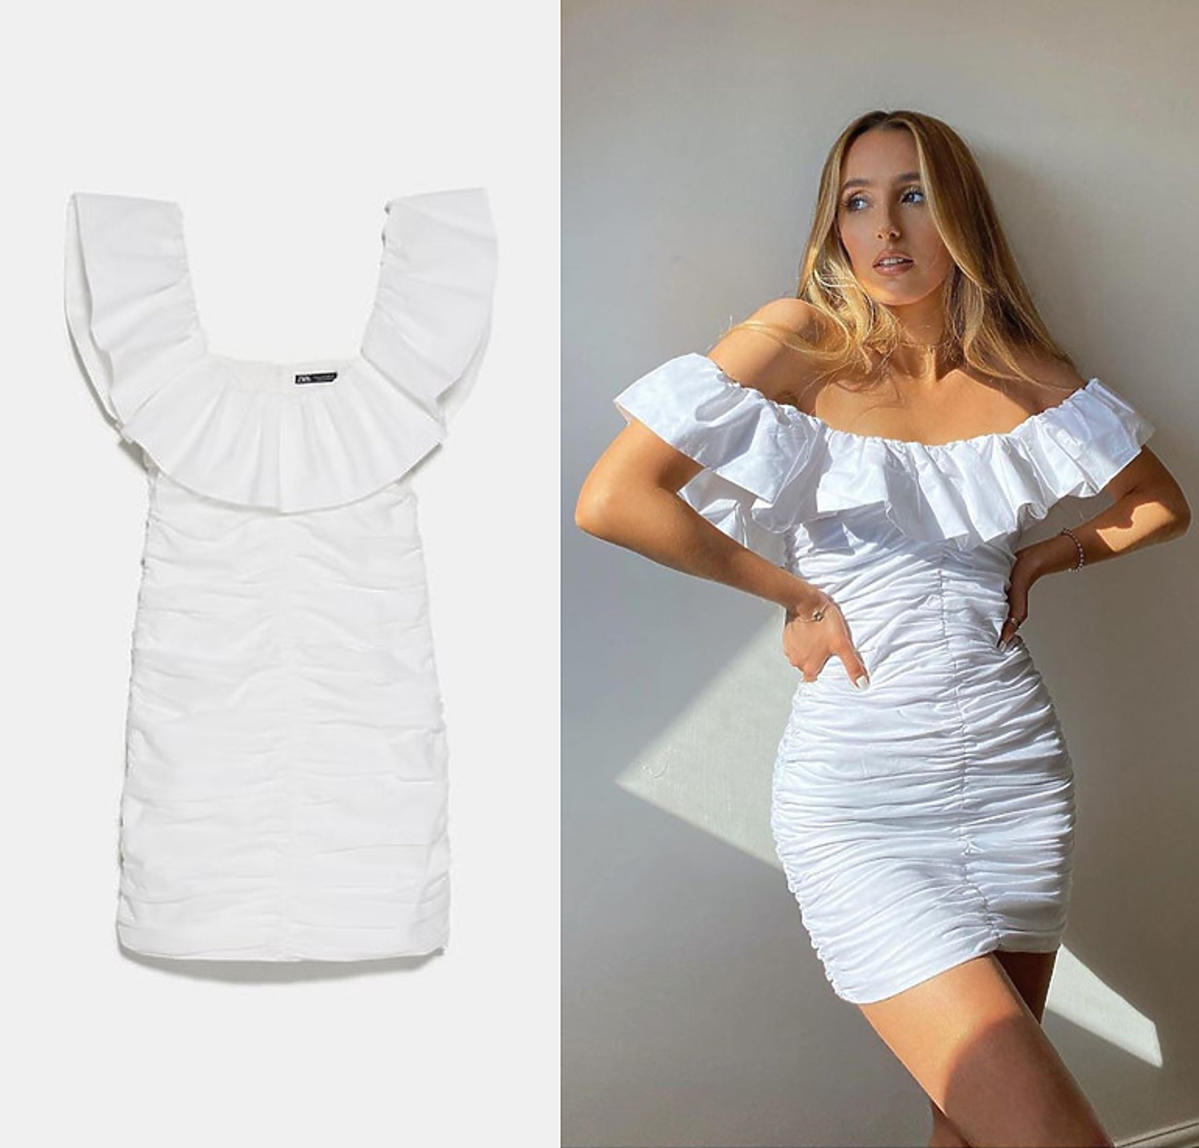 Oto największy sprzedażowy hit Zary. Biała sukienka hiszpanka podbiła Instgaram